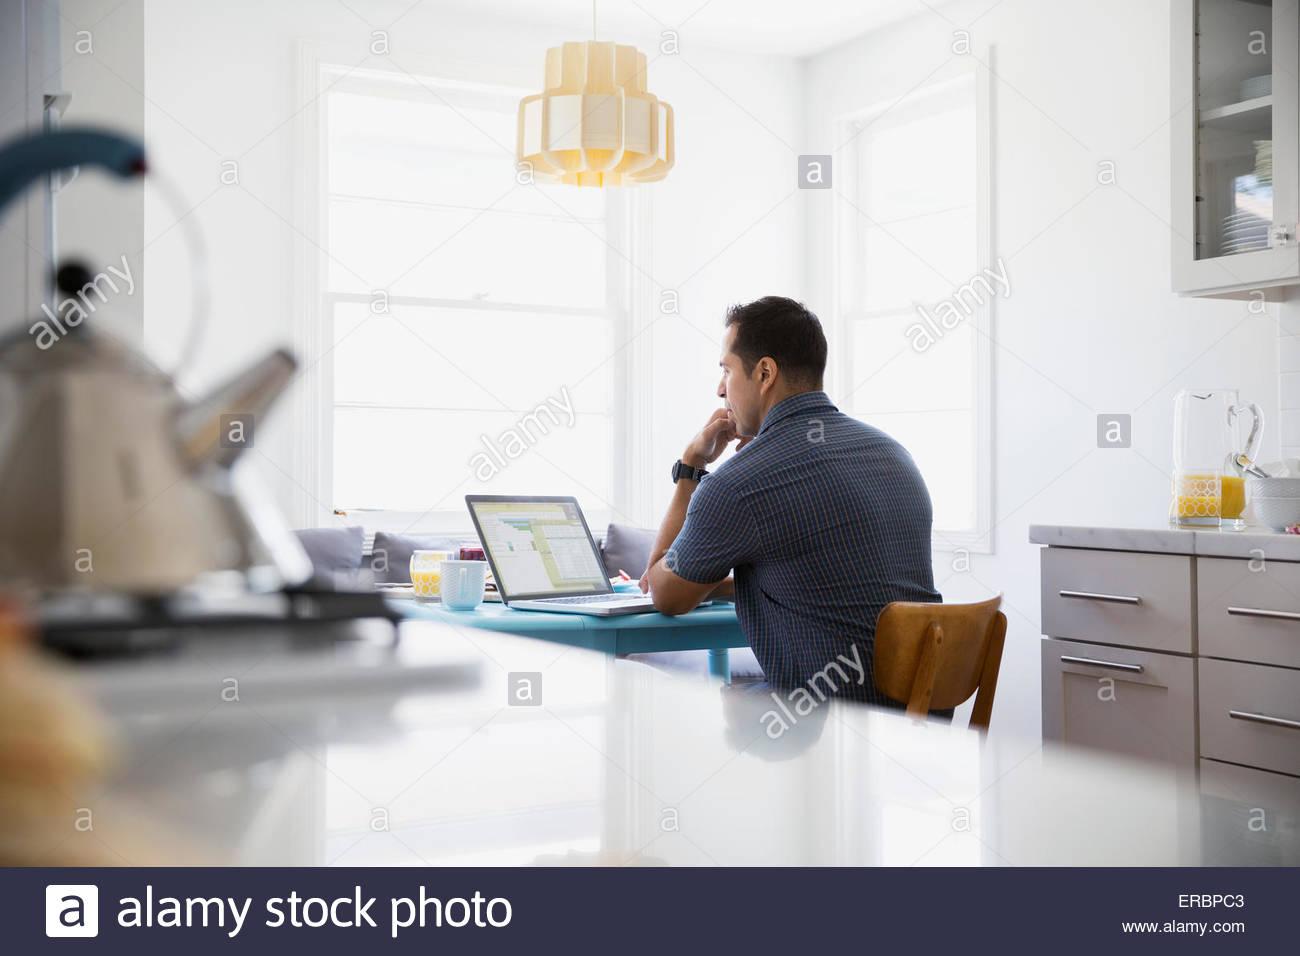 Grave brunette uomo utilizzando laptop al tavolo della cucina Immagini Stock